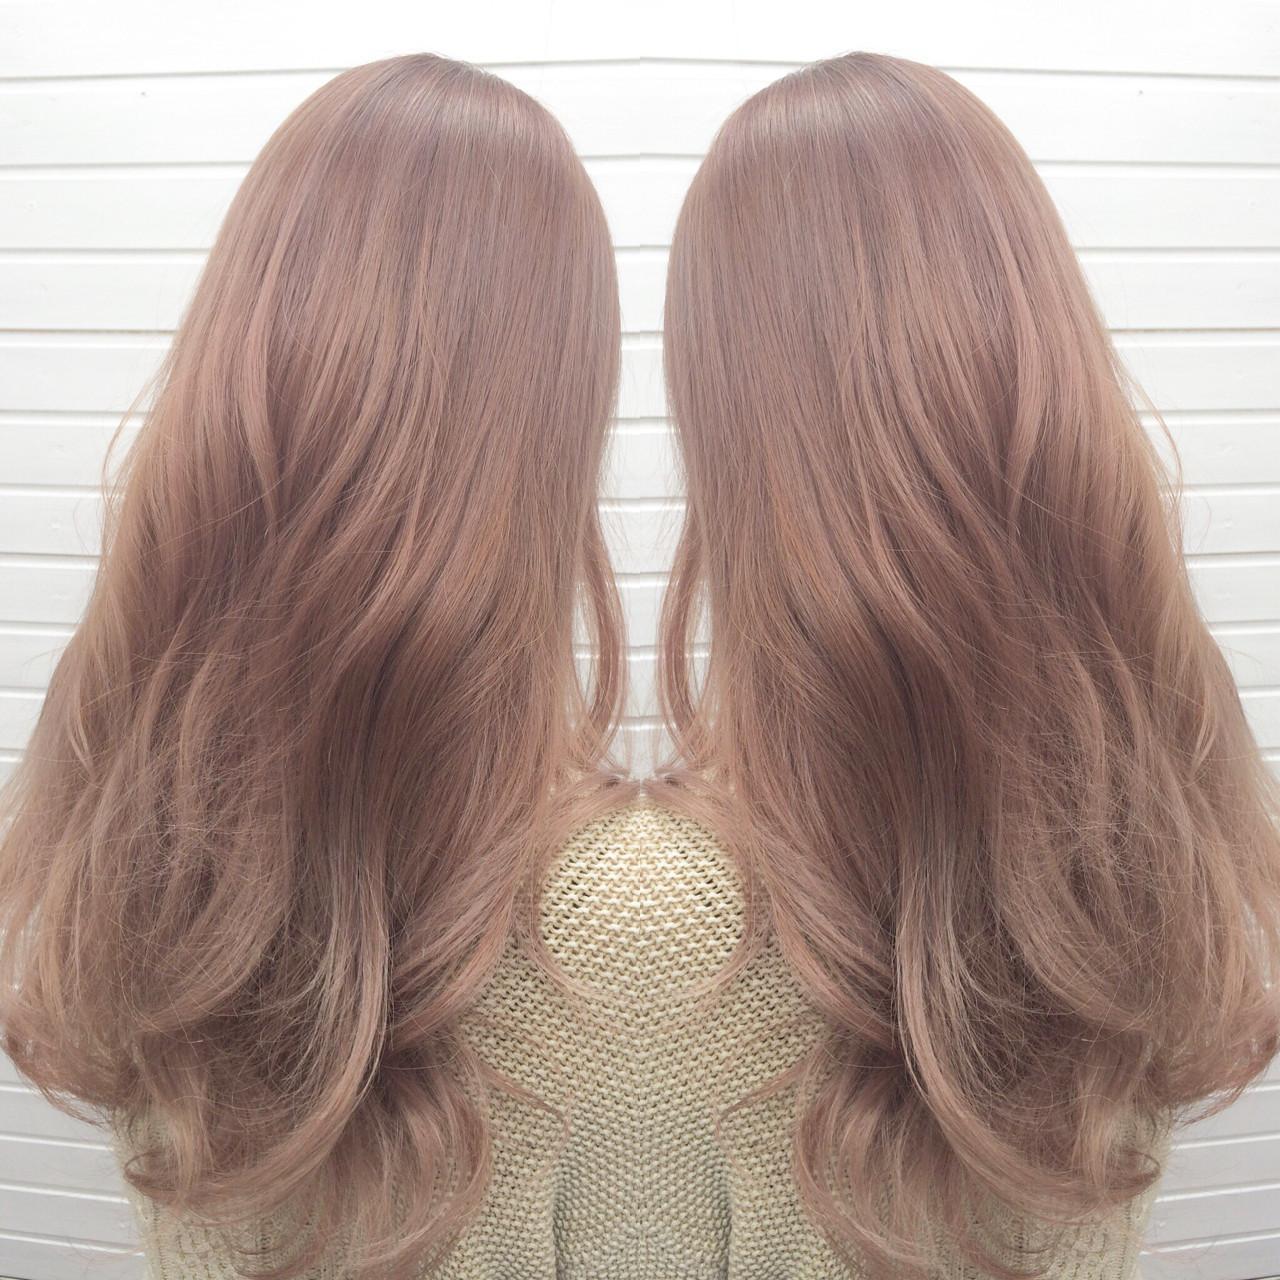 明るめグラデーションカラーの人気色② universe | hairspaceuniverse